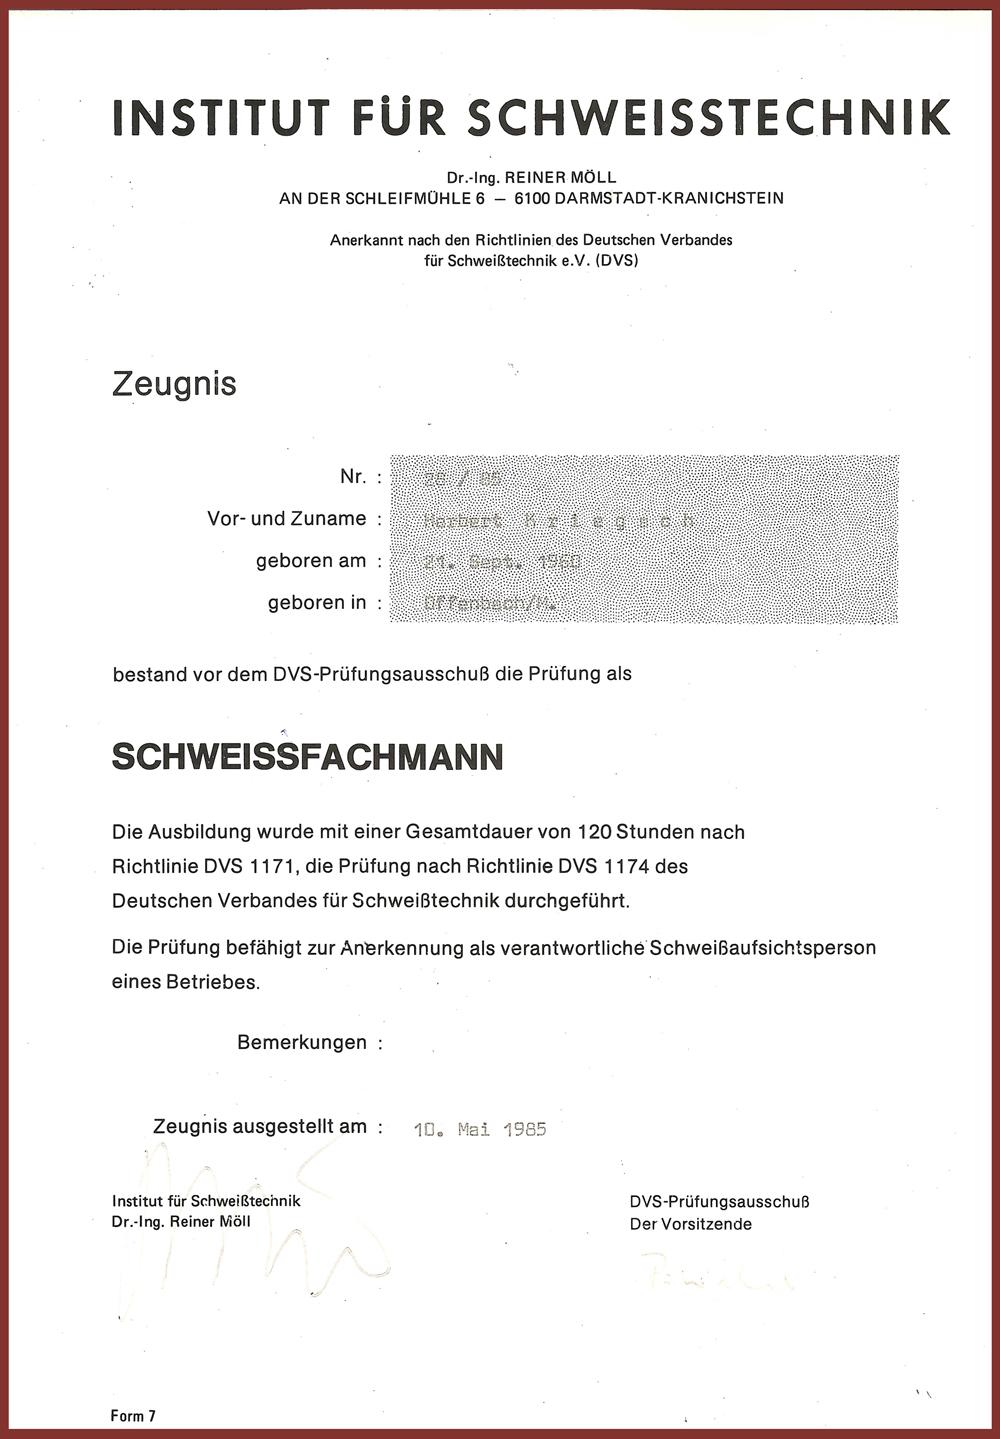 Urkunde-Schweißfachmann